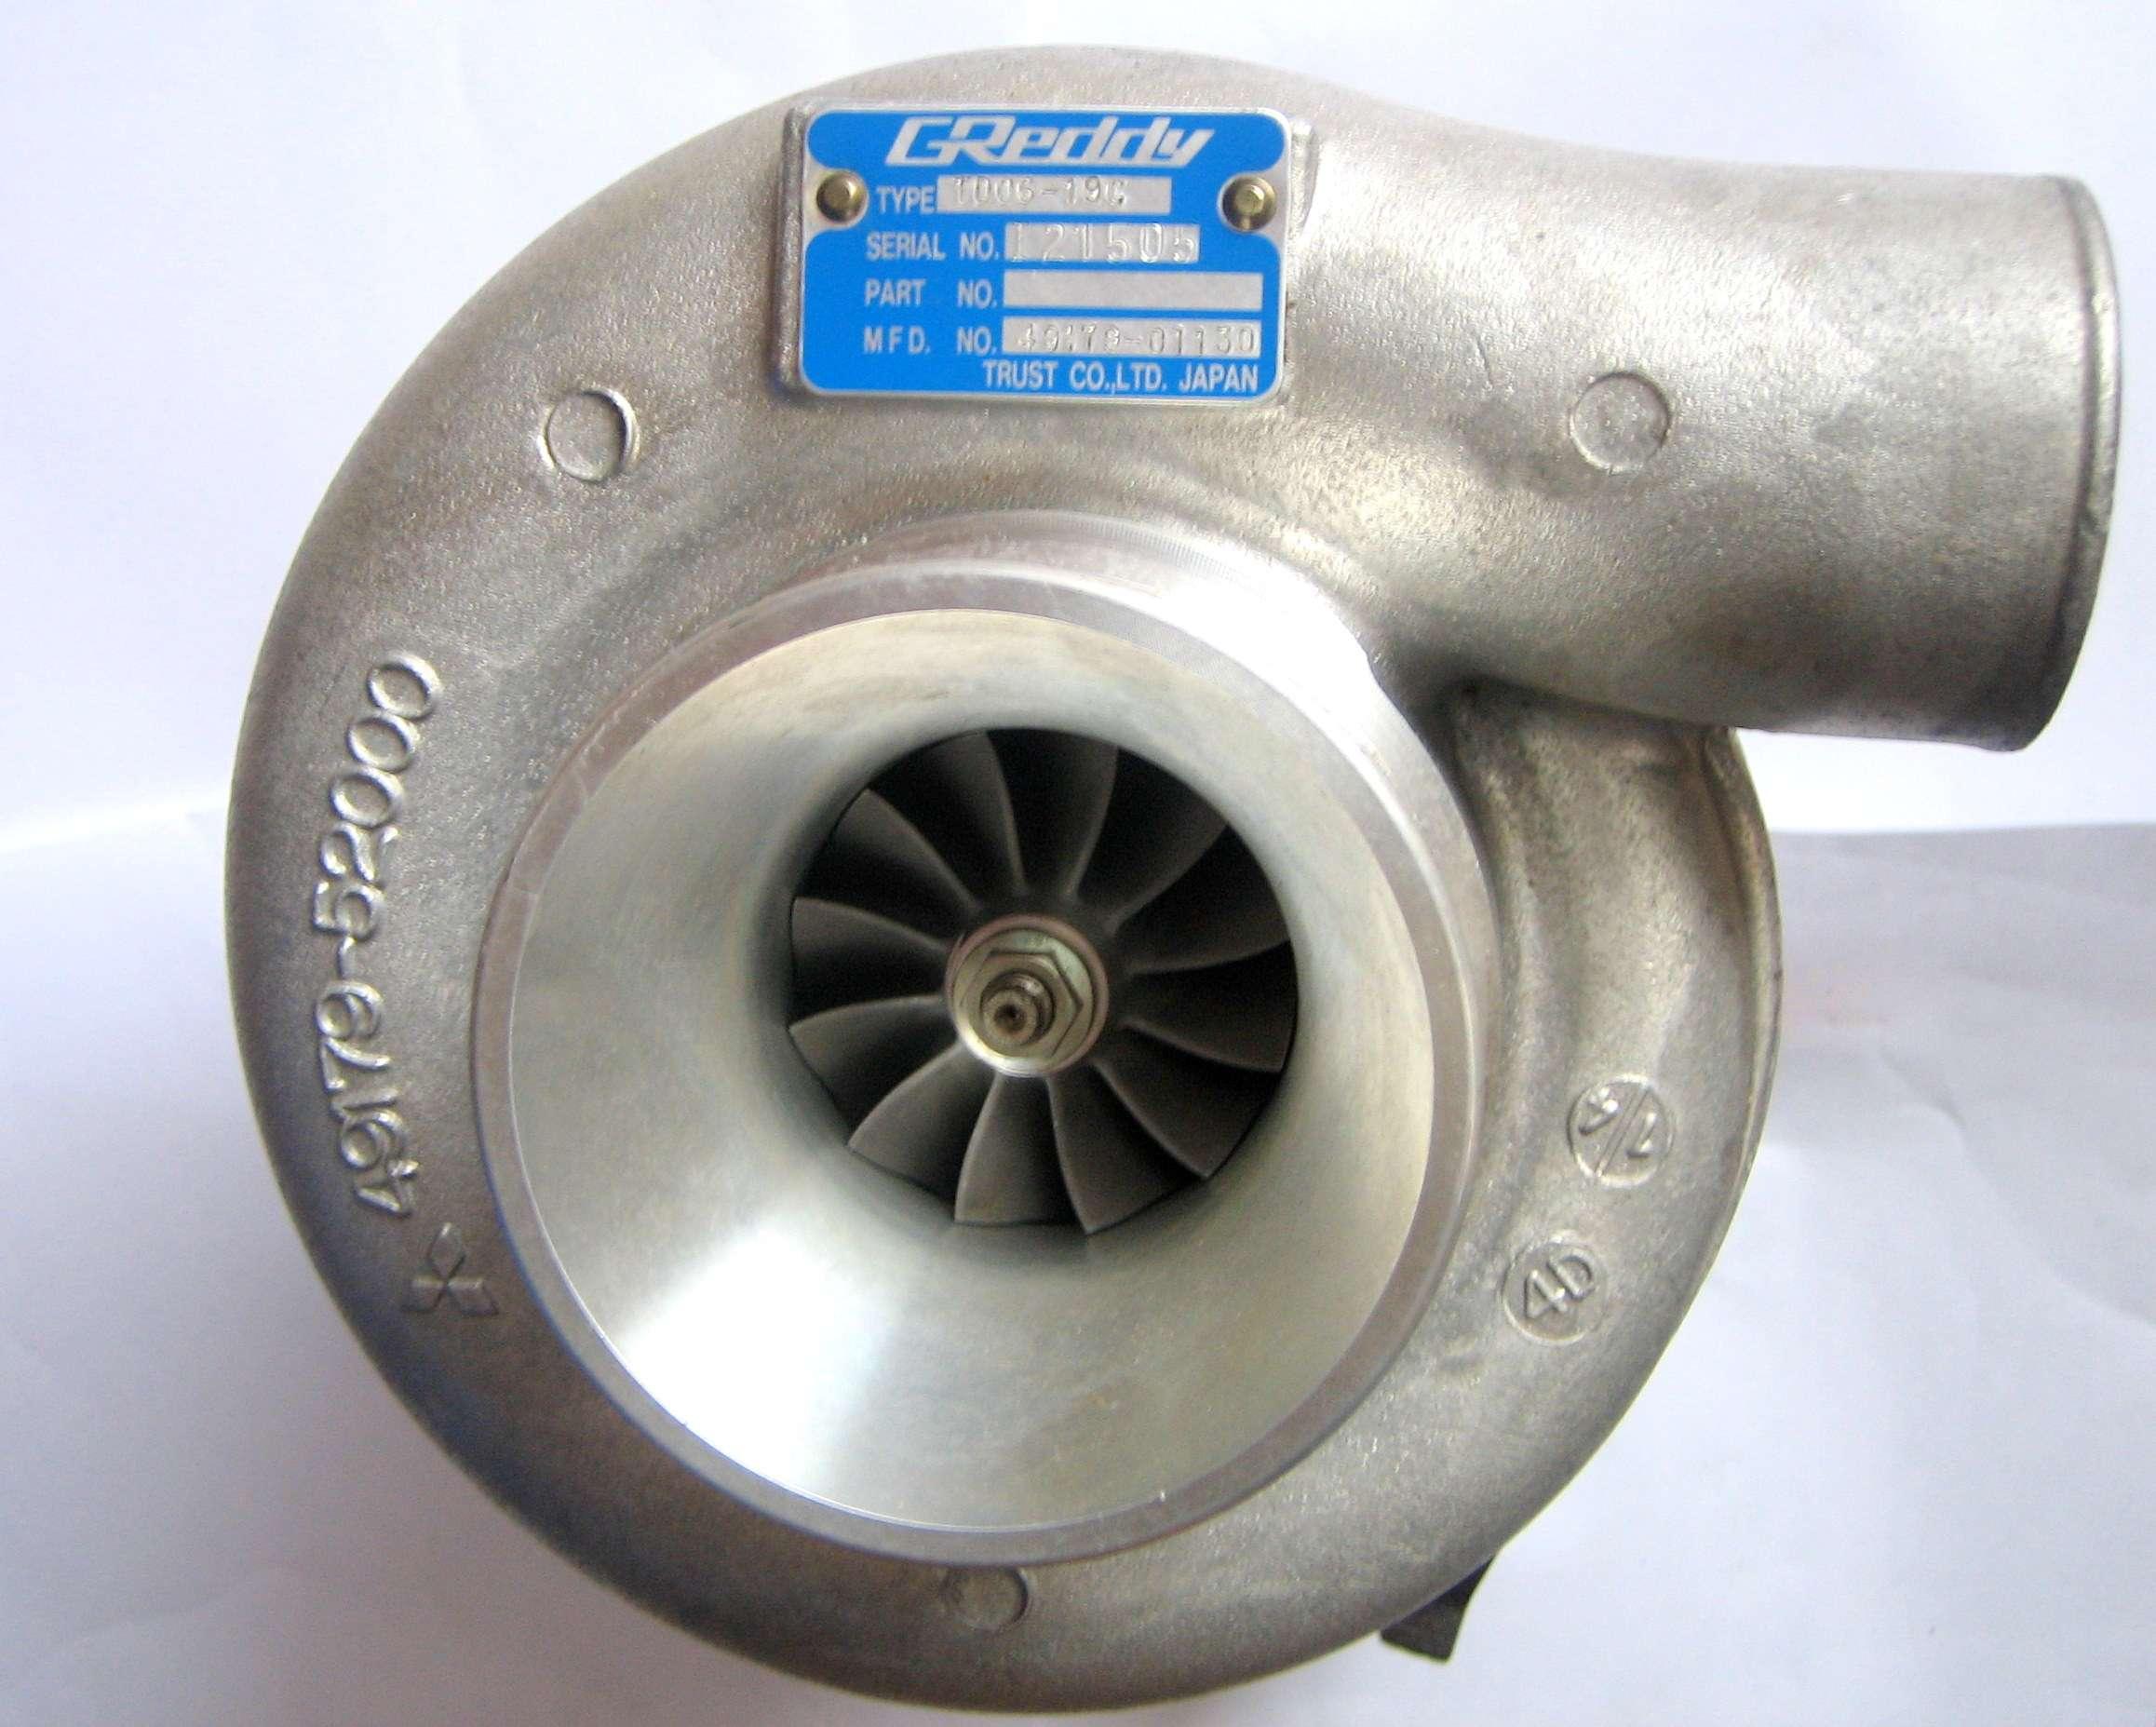 TRUST Greddy TD06 Turbo 4G63 RB25DET 13BT SR20DET CA18DET